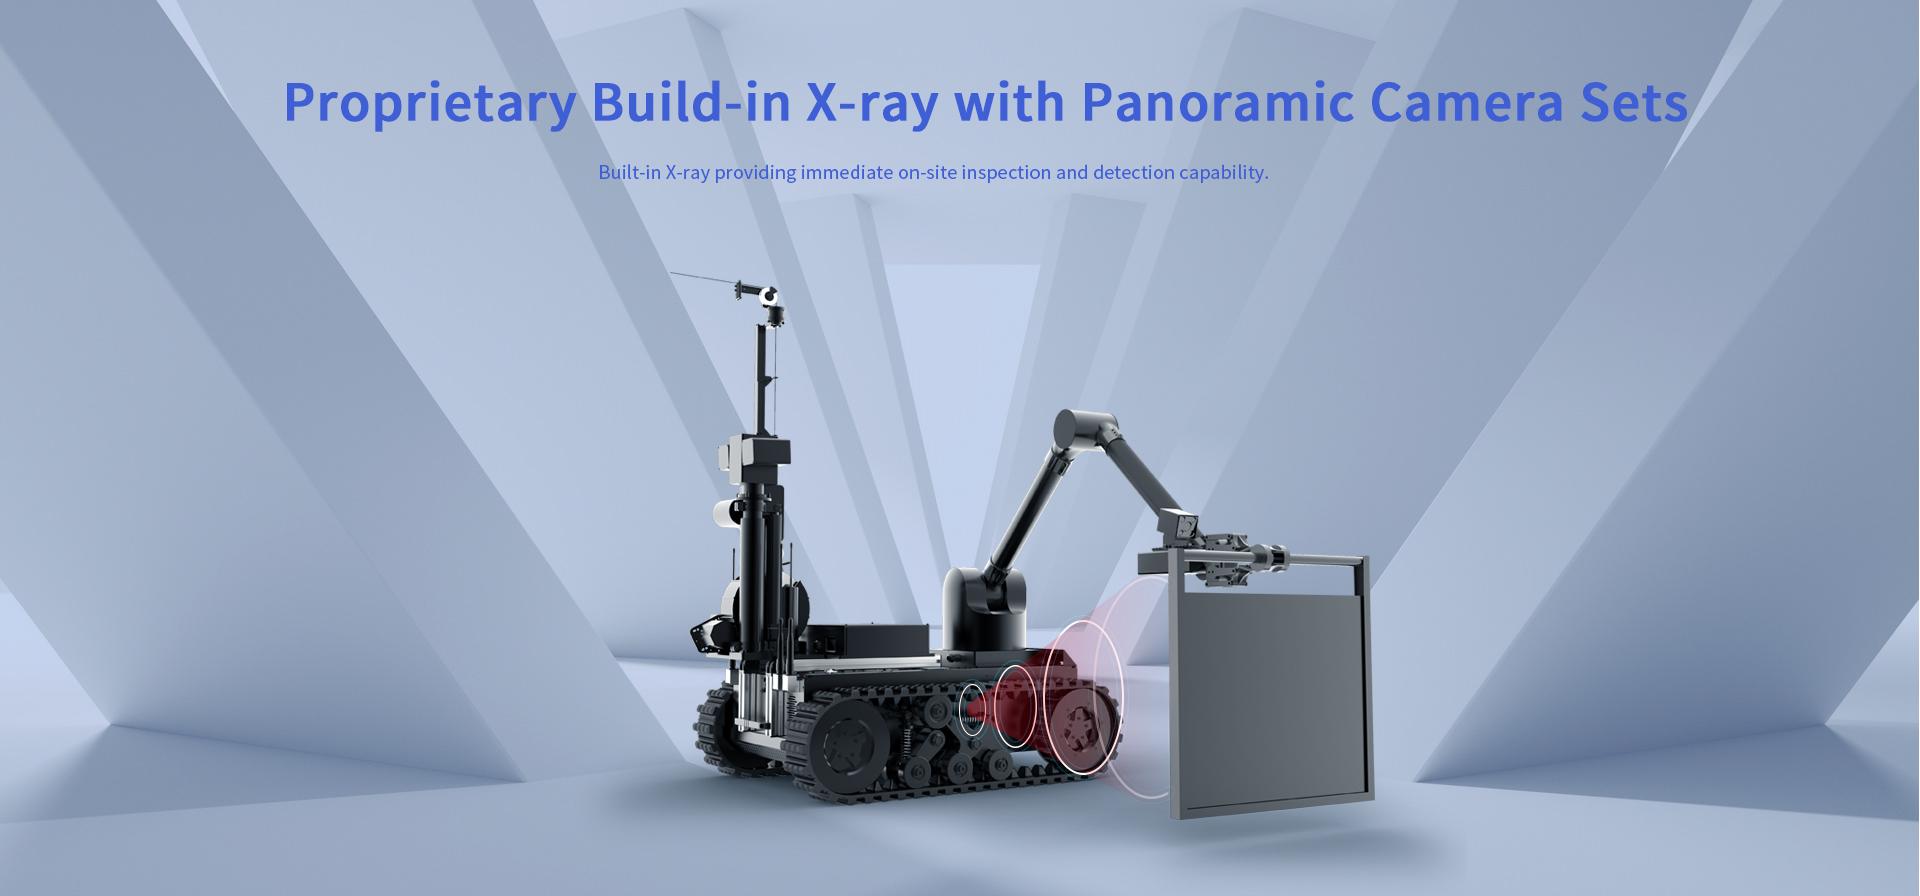 X-ray EOD detection robot Tracker IIIX